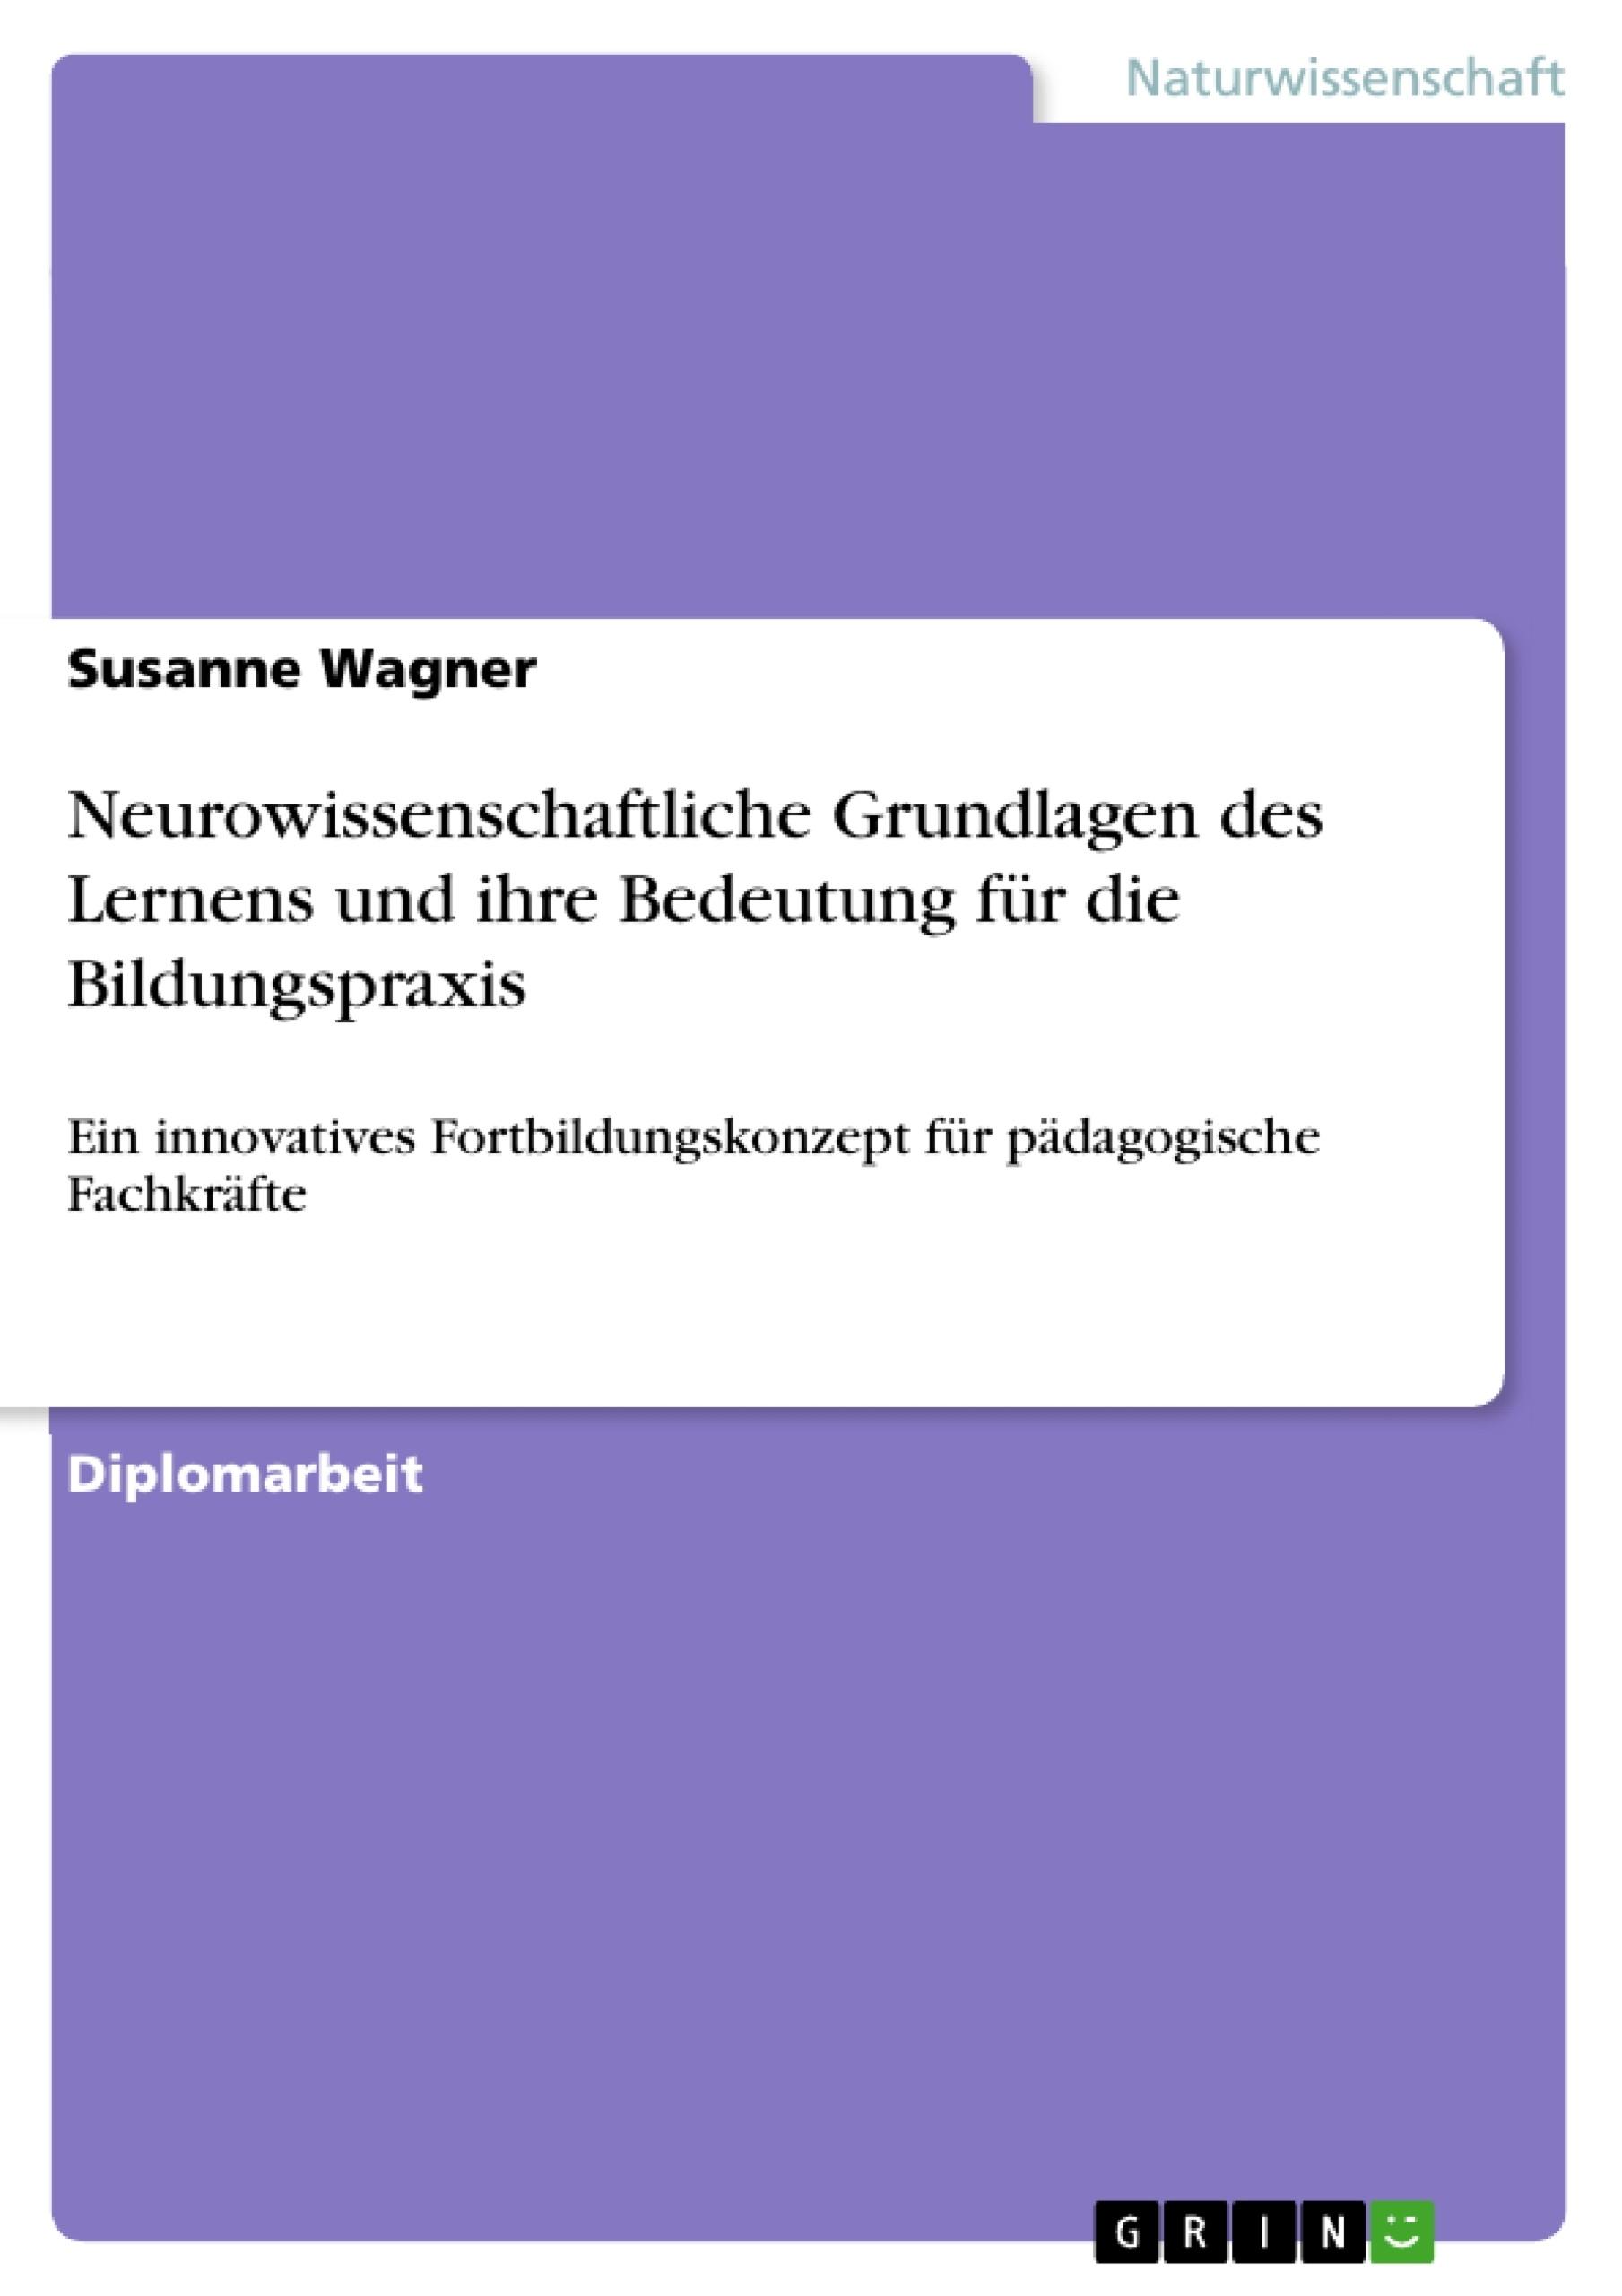 Titel: Neurowissenschaftliche Grundlagen des Lernens und ihre Bedeutung für die Bildungspraxis